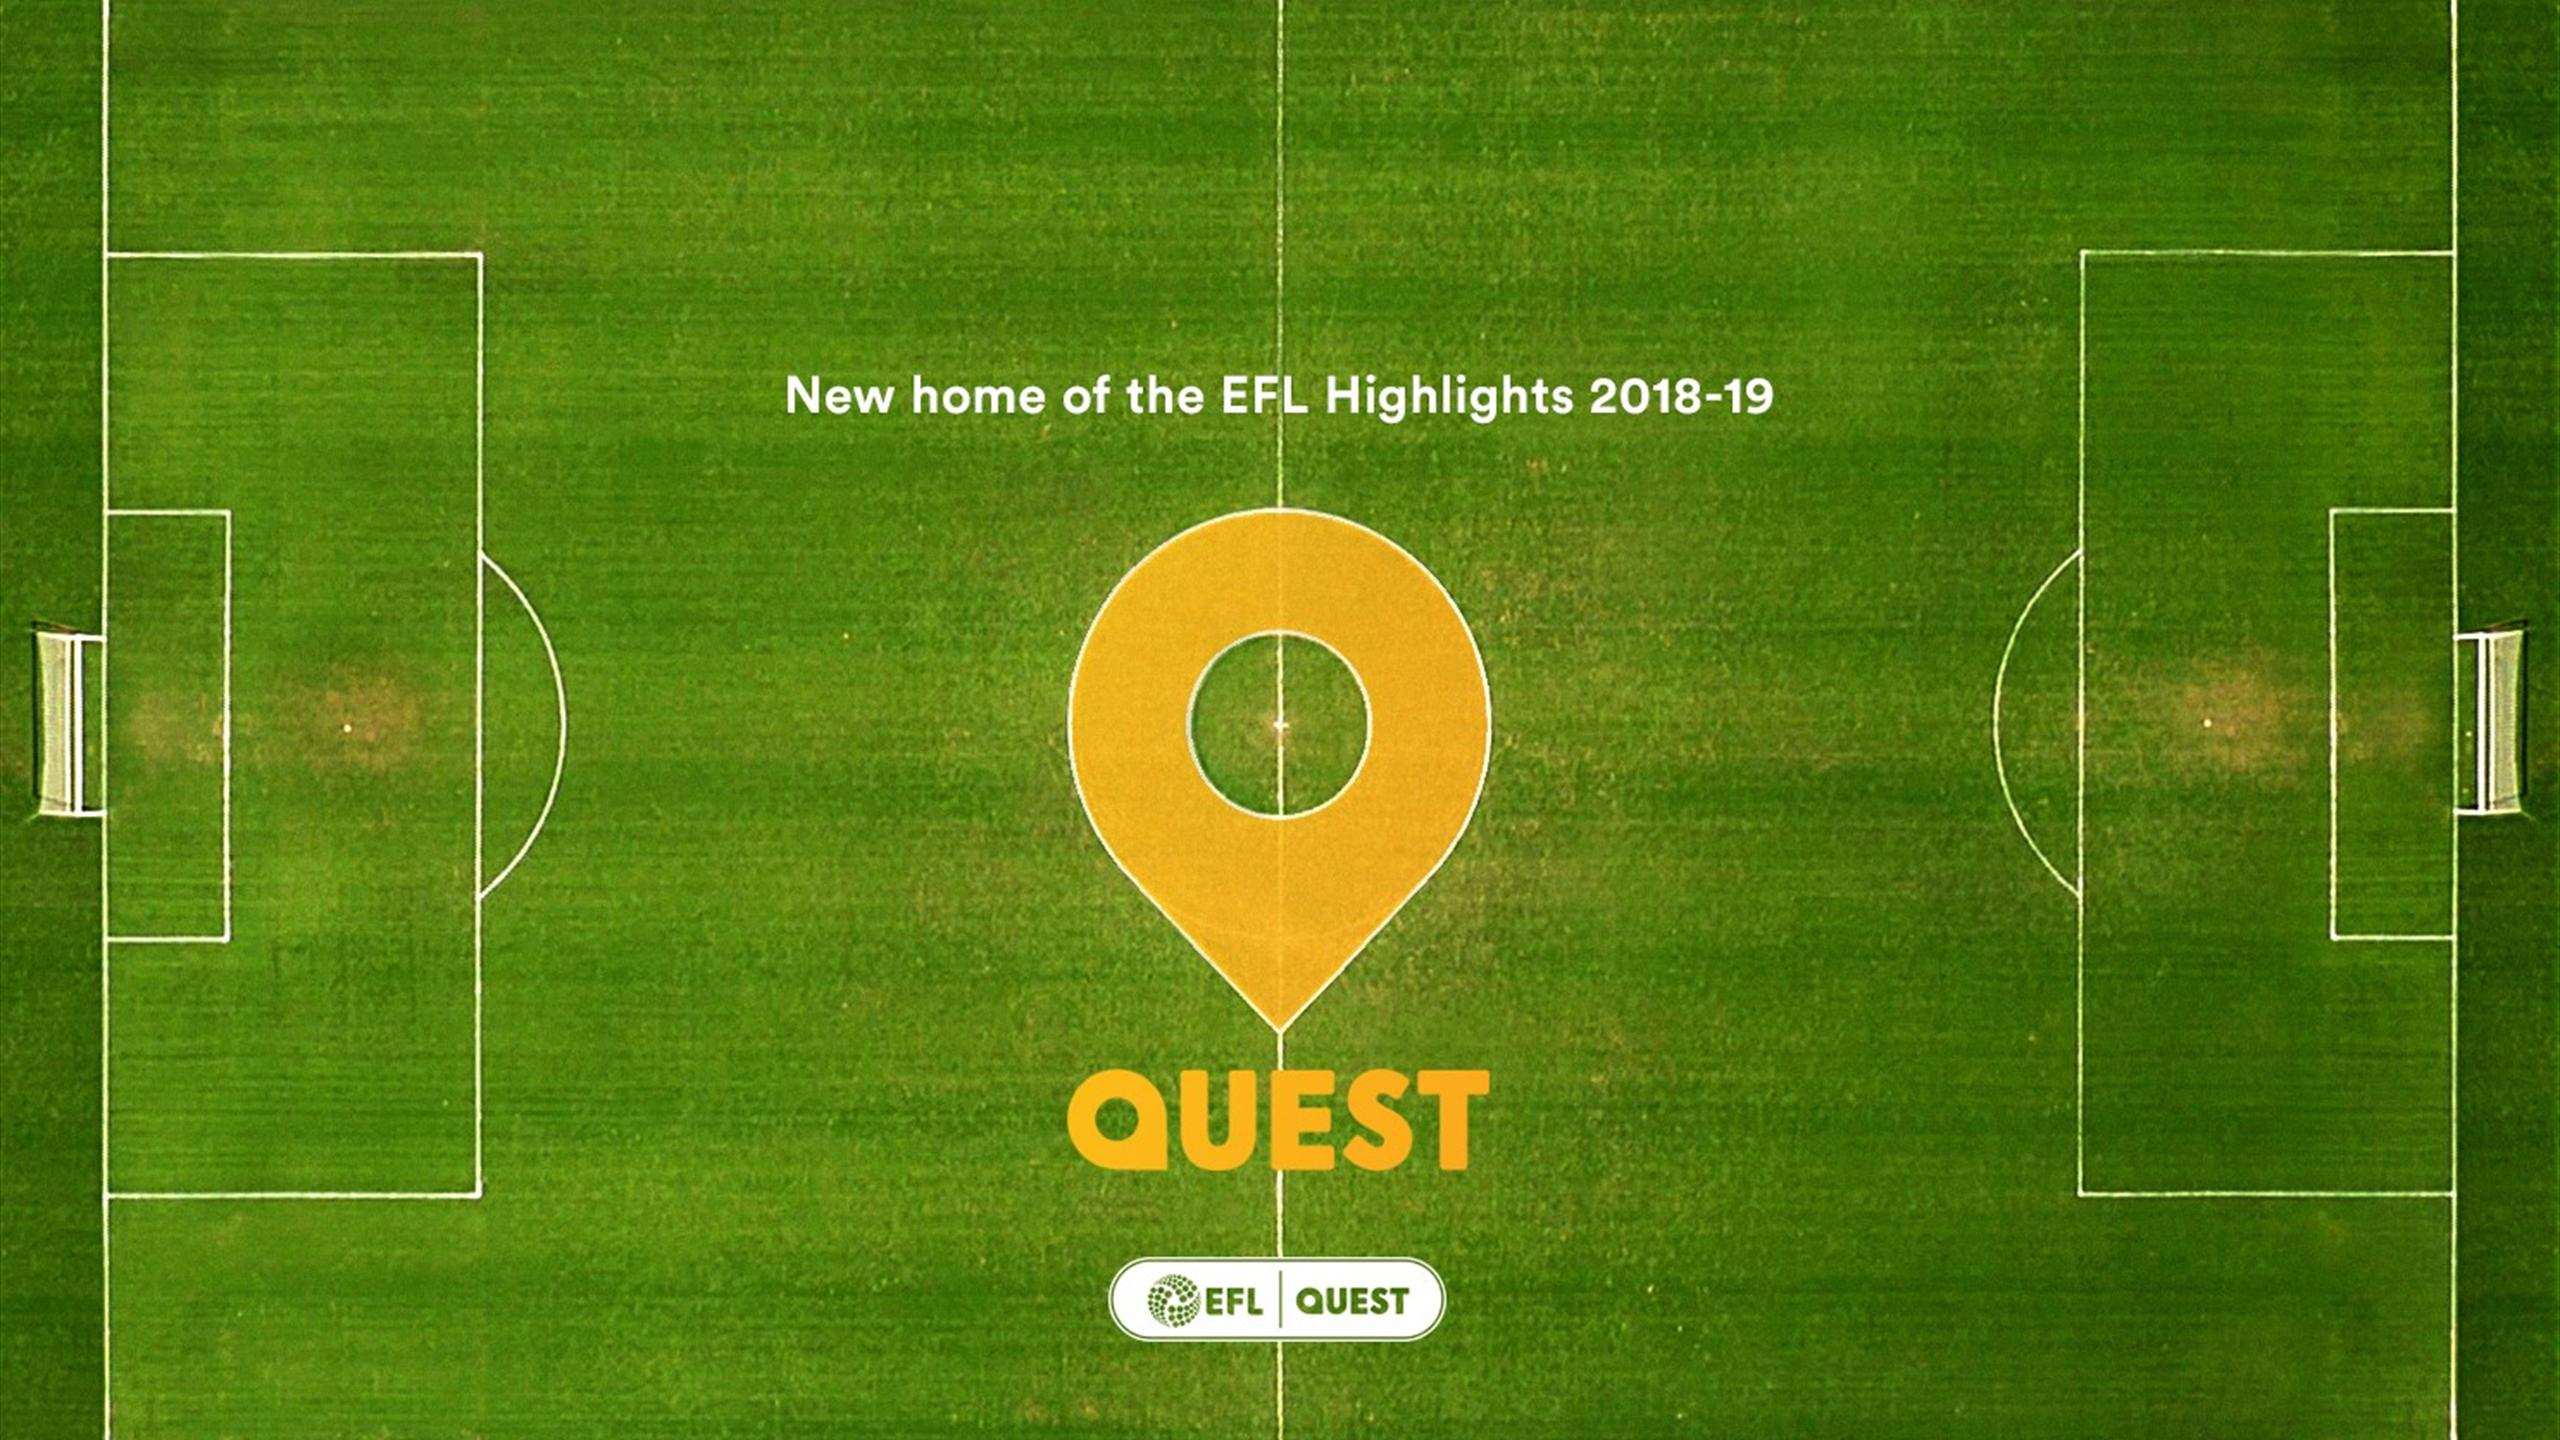 highlights Virgin media football